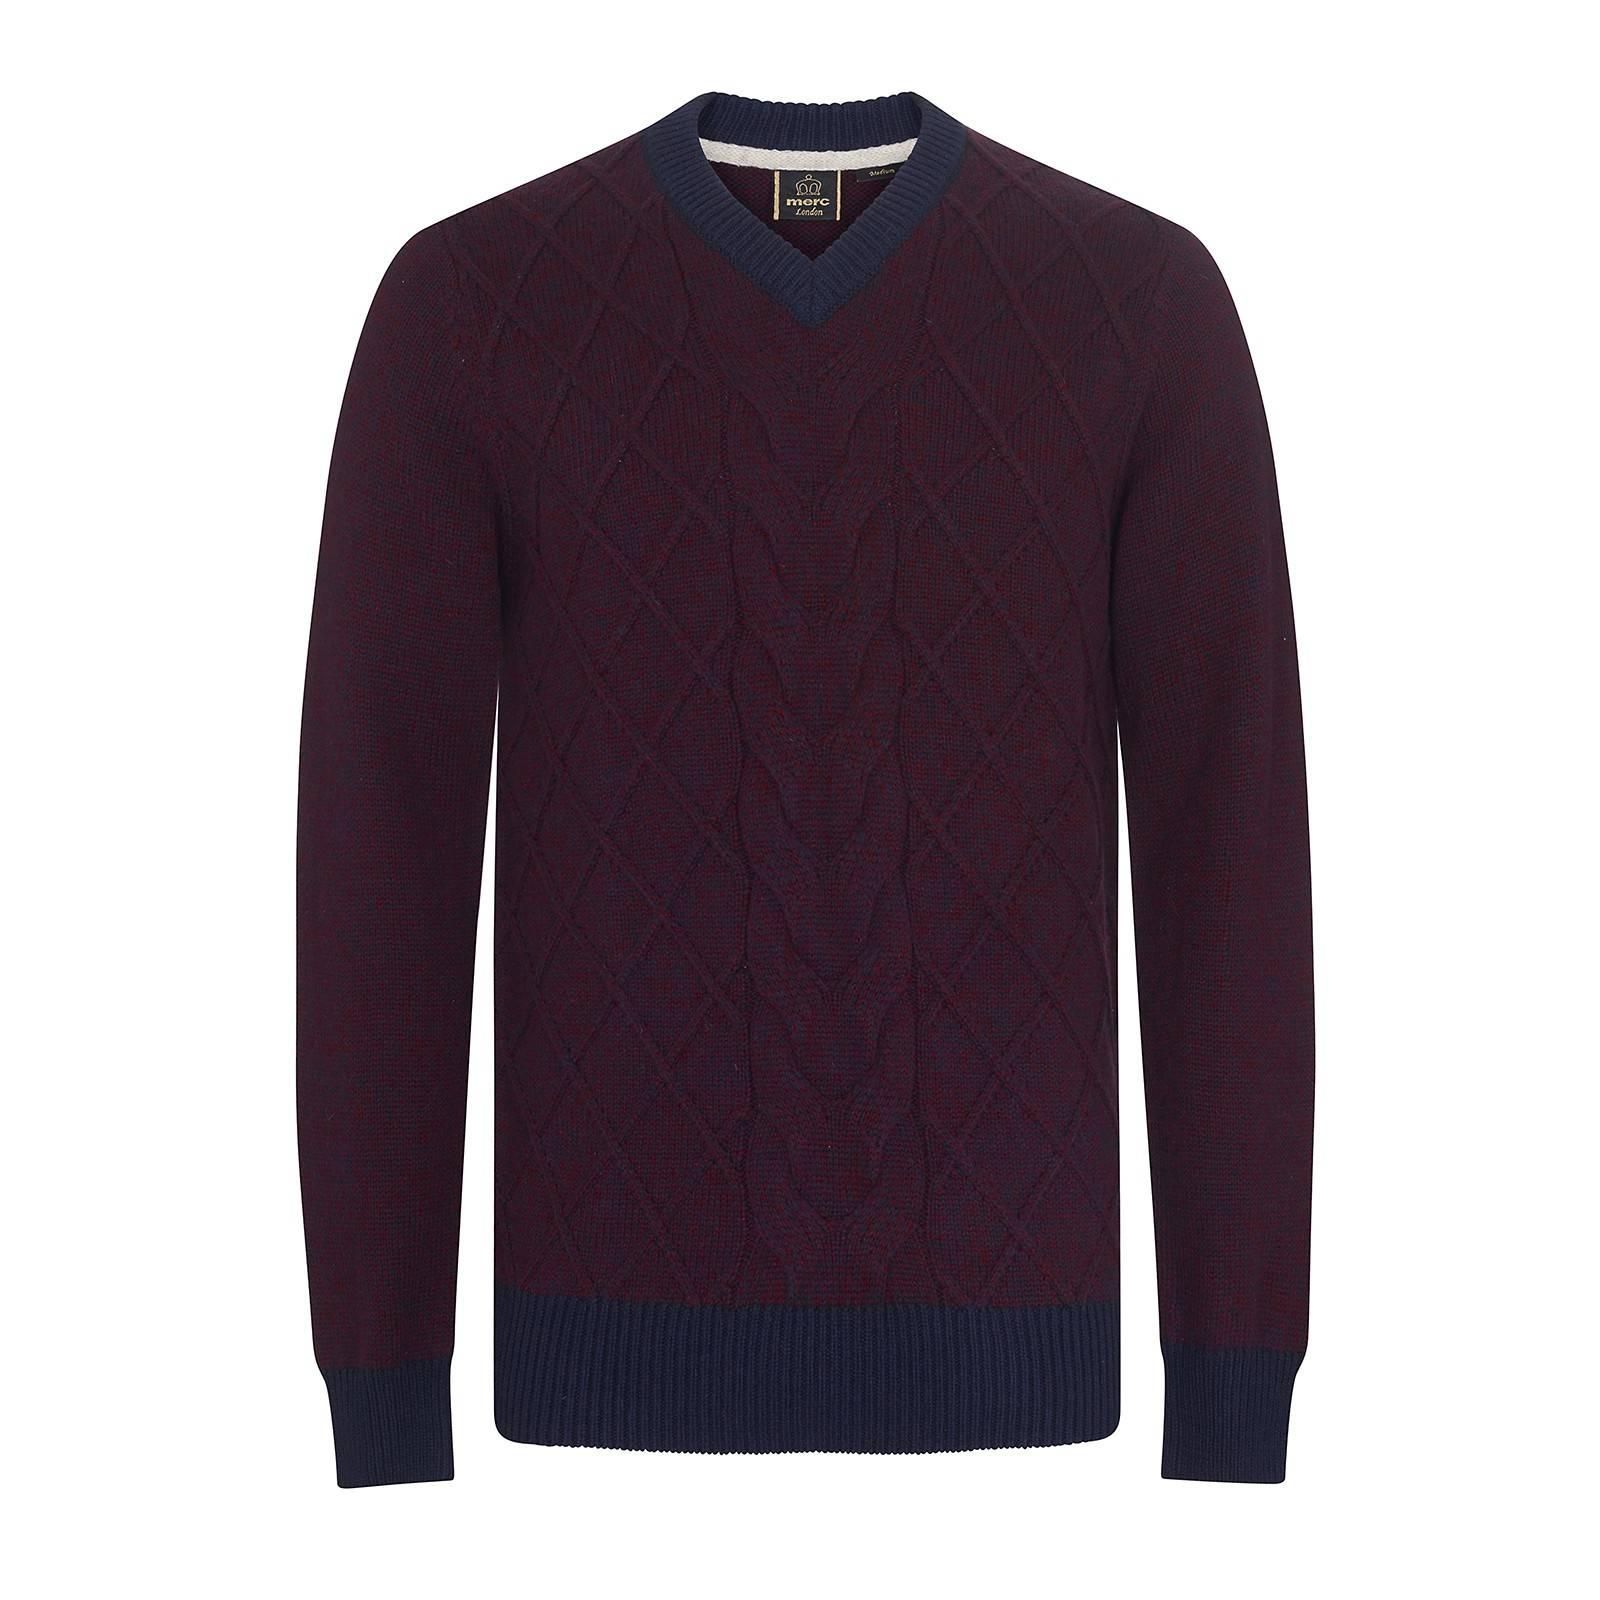 Пуловер HatcliffeПуловеры<br><br><br>Артикул: 1616209<br>Материал: 45% нейлон, 35% шерсть, 20% акрил<br>Цвет: бургунди<br>Пол: Мужской